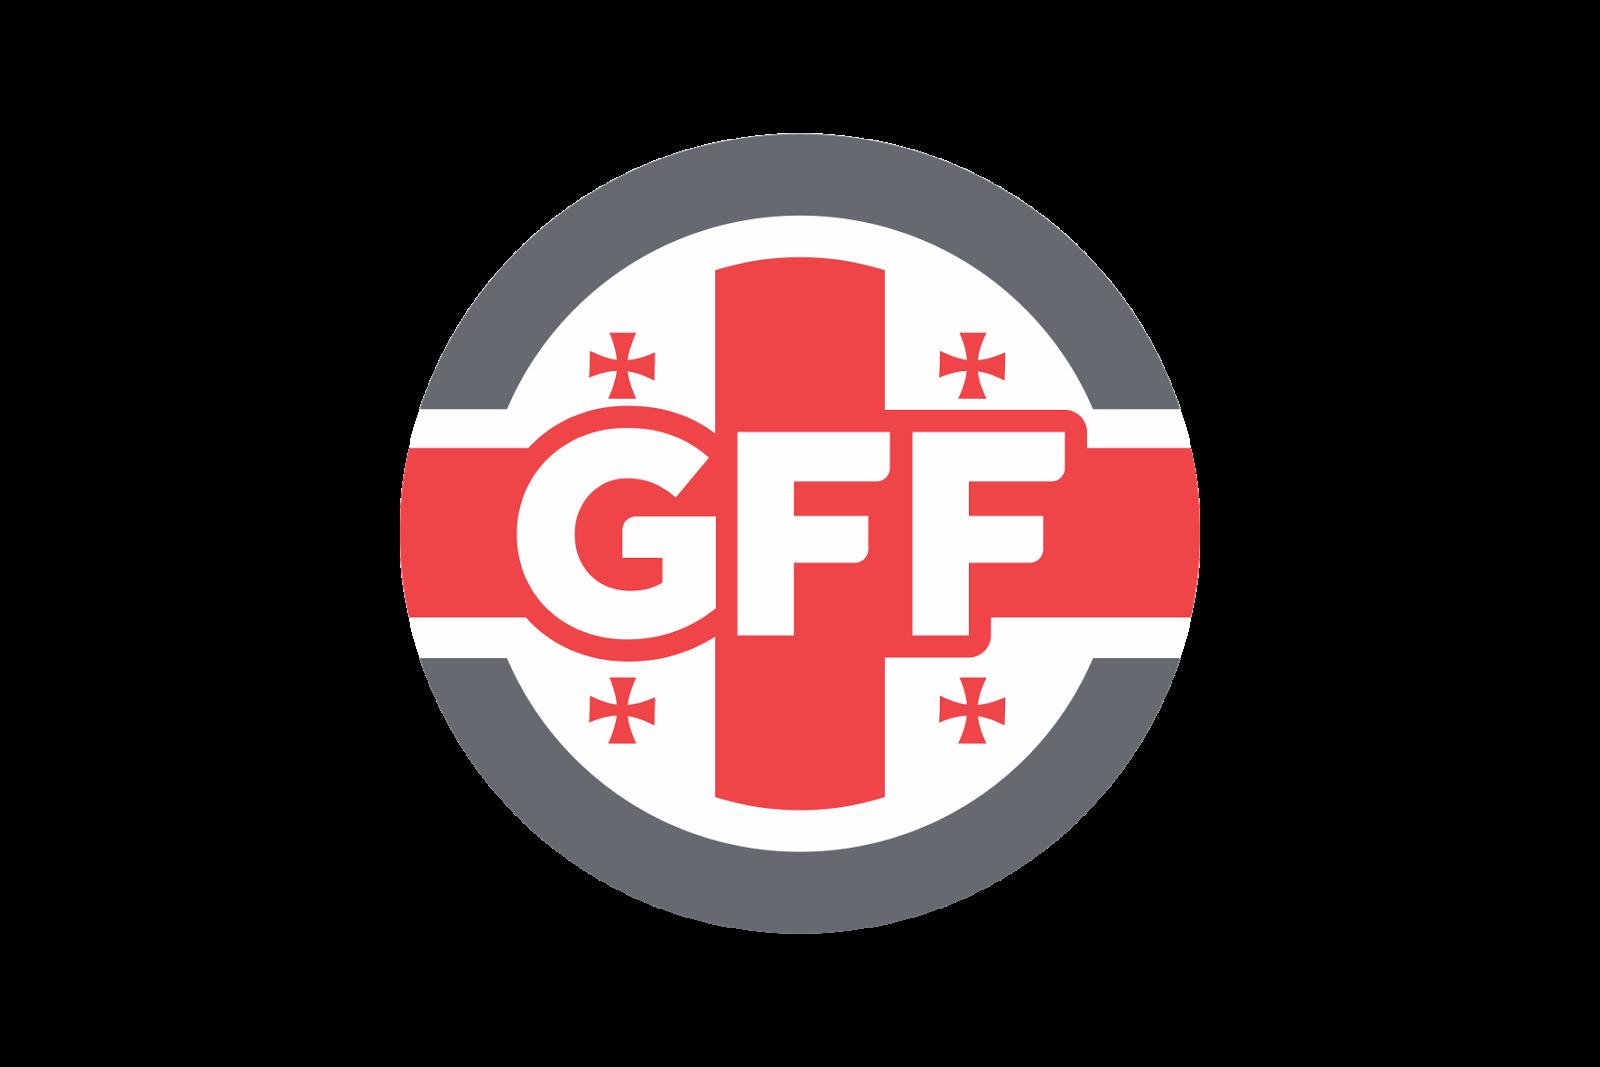 http://2.bp.blogspot.com/-1zyd3eTEnIo/U_ttM1o5xKI/AAAAAAAADyA/RiDh-2XQexc/s1600/Logo%2BGeorgian_Football_Federation.png